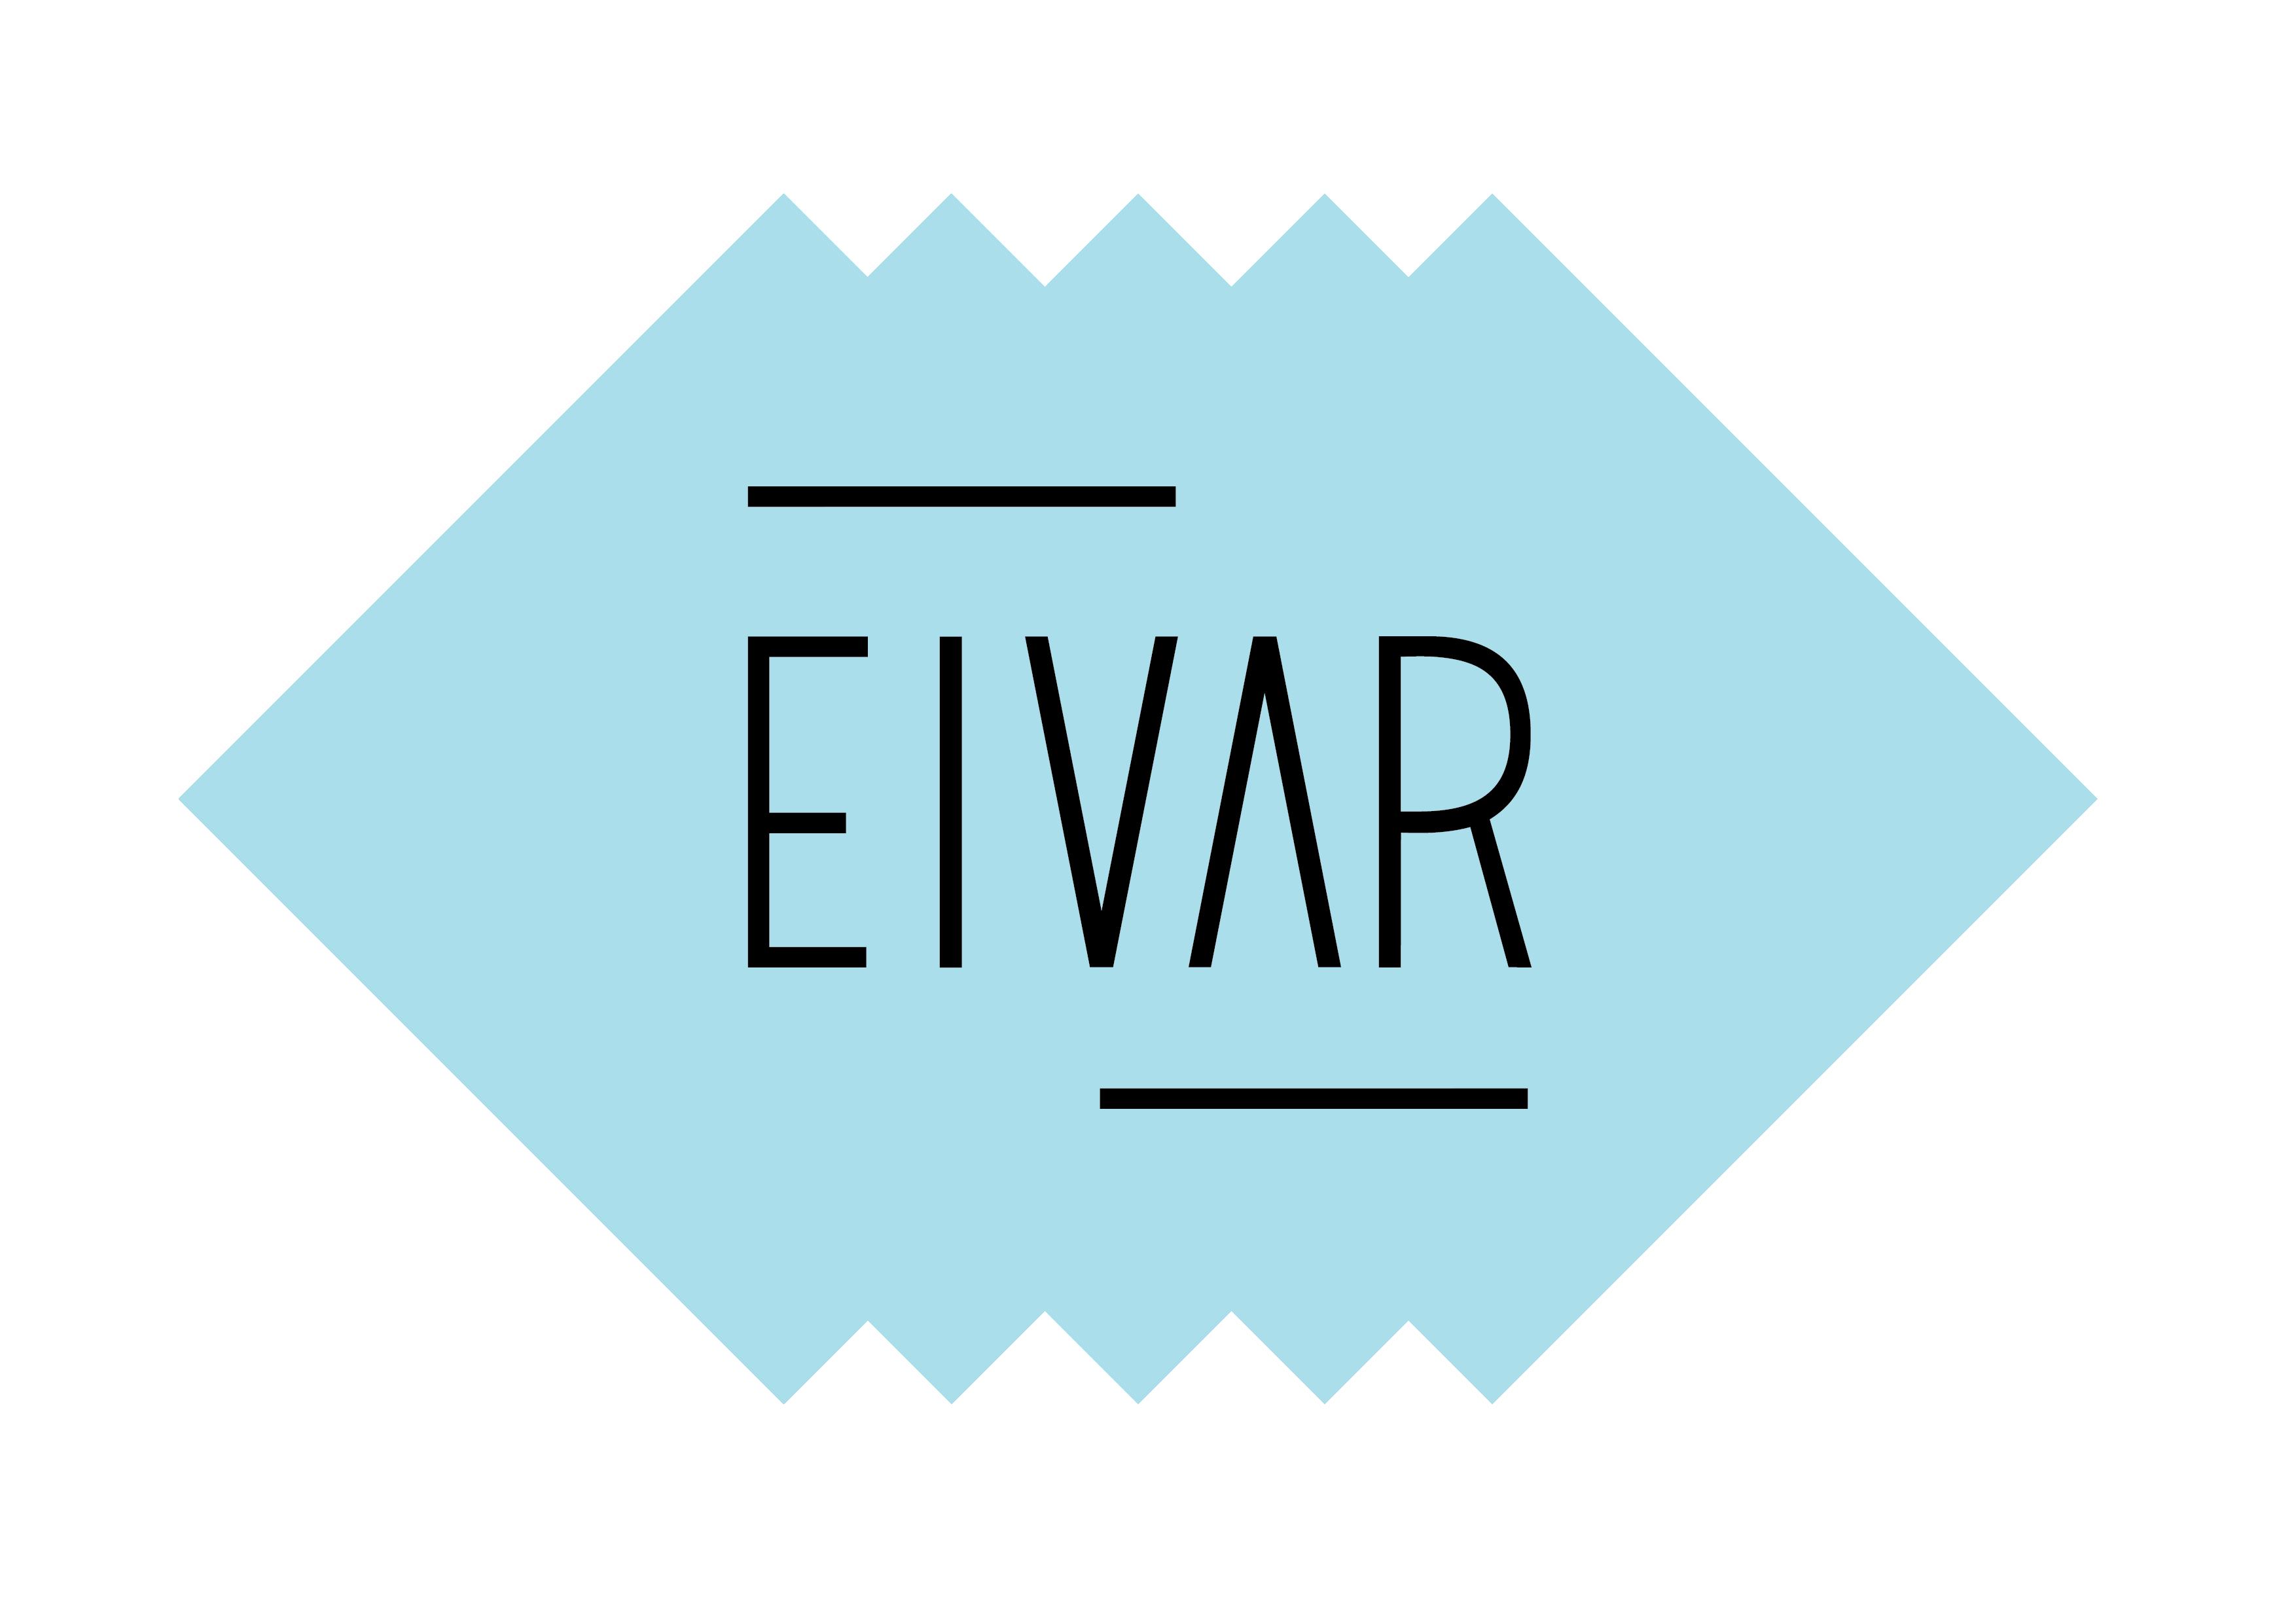 Eivar logo